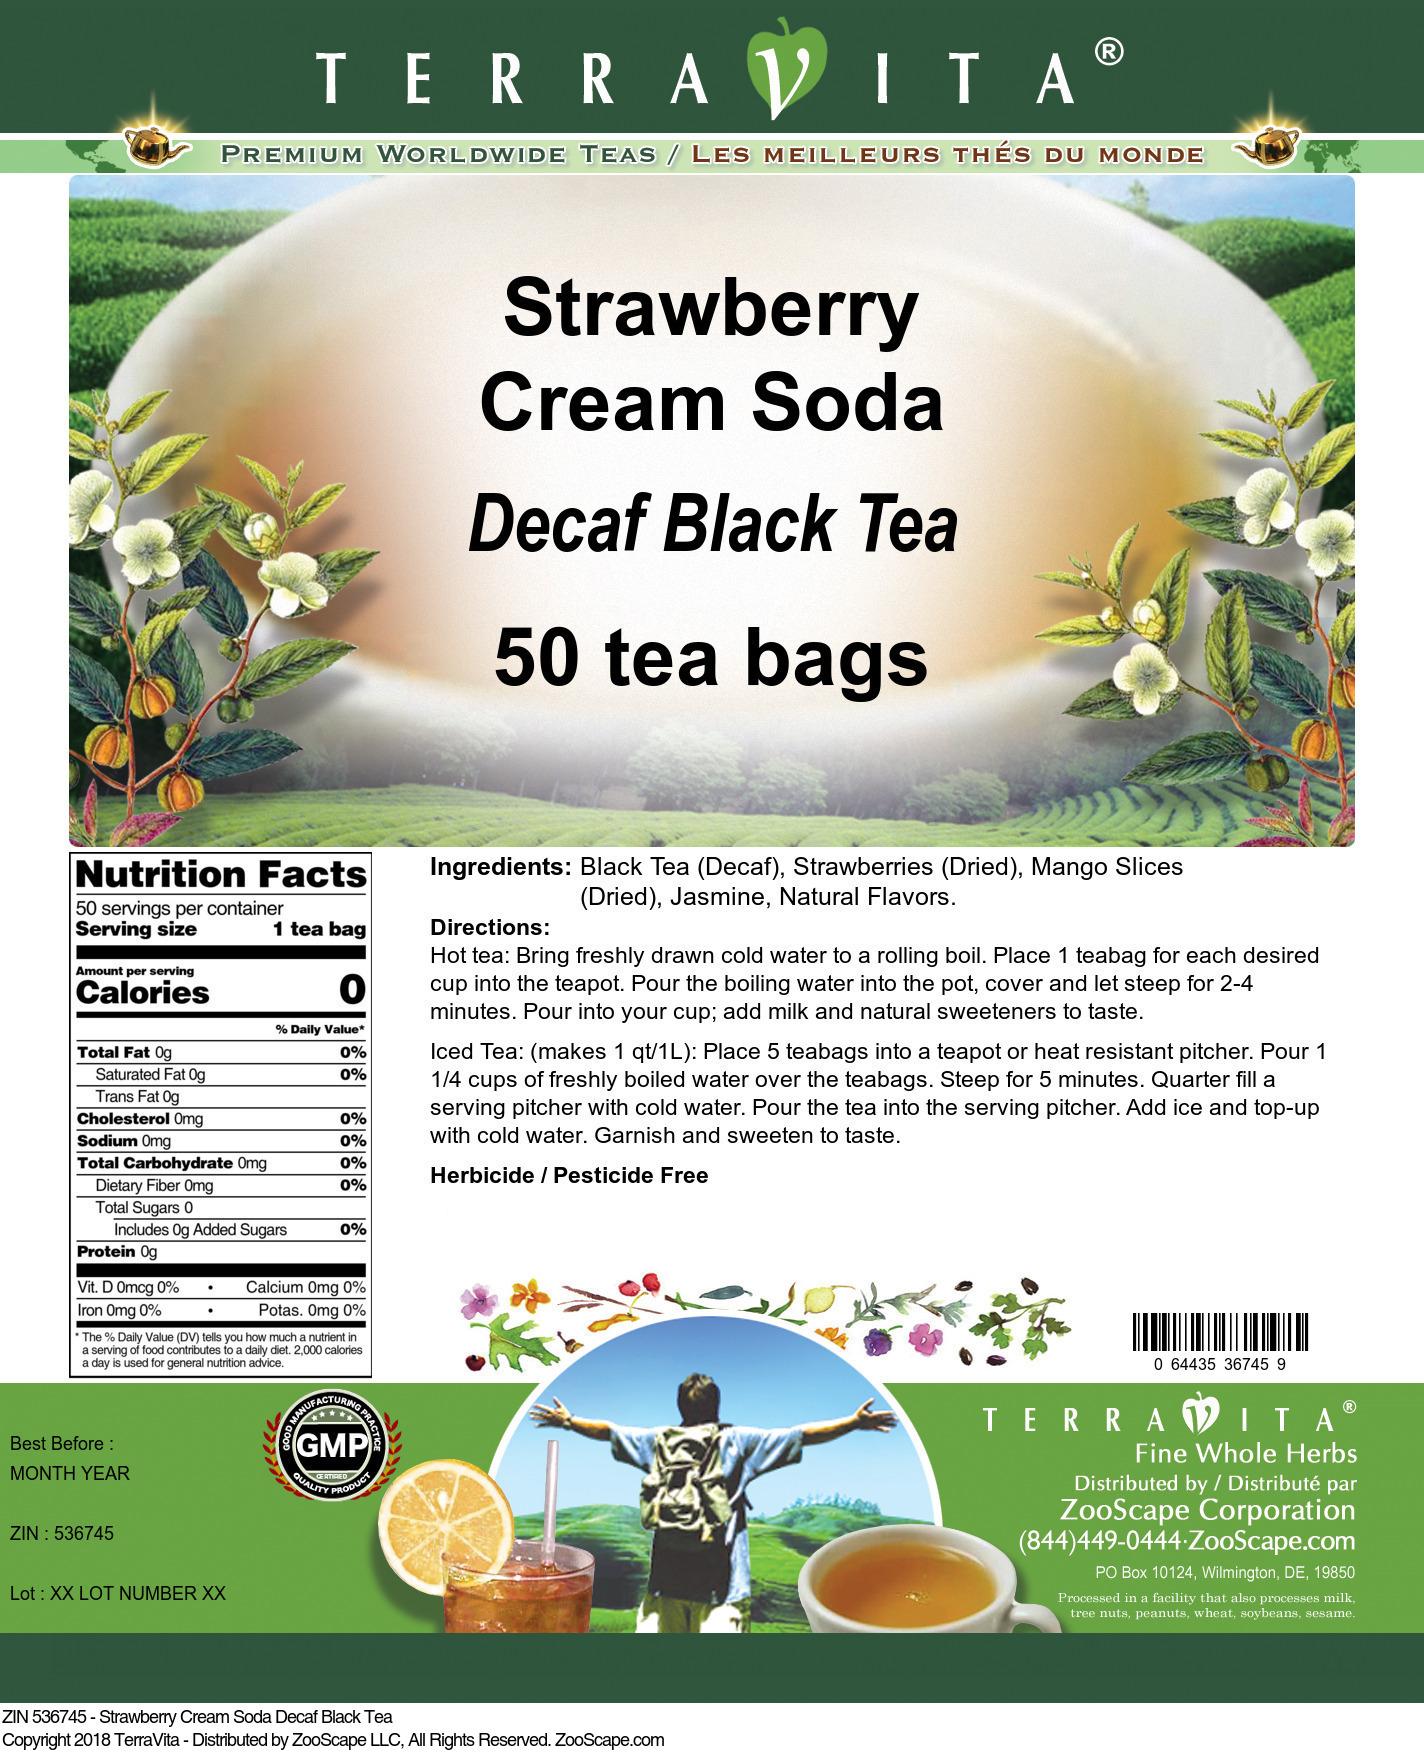 Strawberry Cream Soda Decaf Black Tea